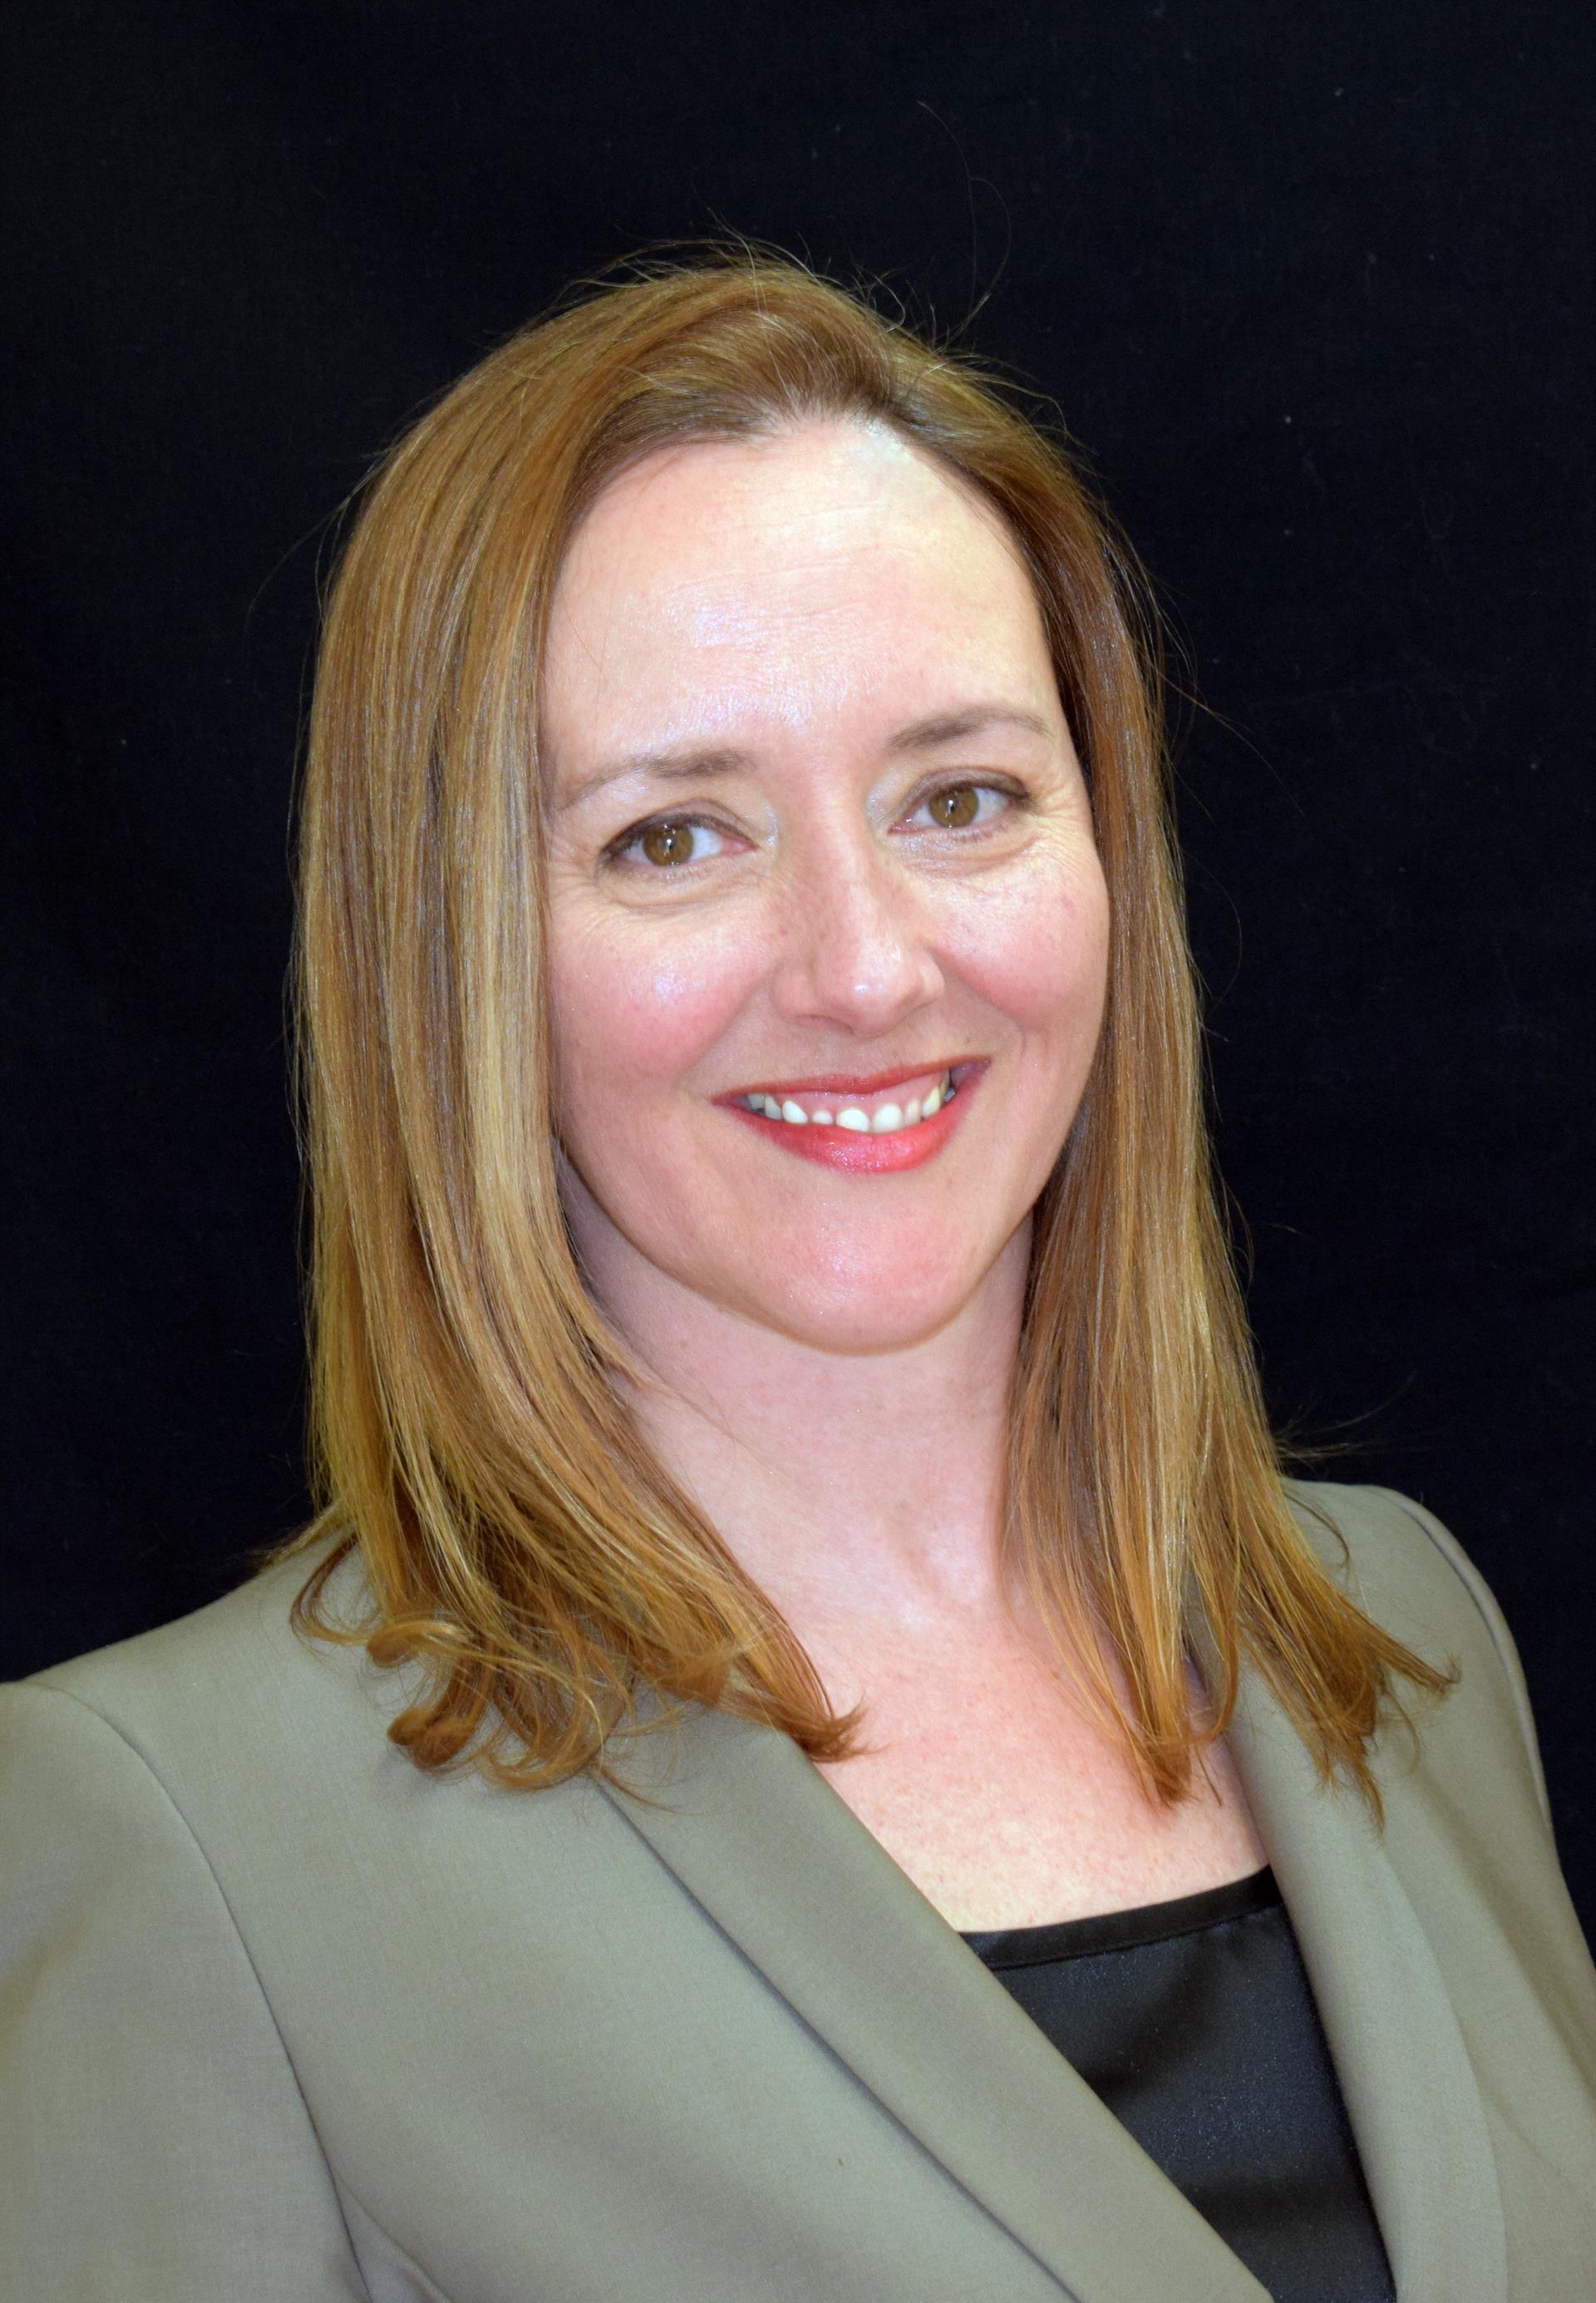 Vivienne Muldoon